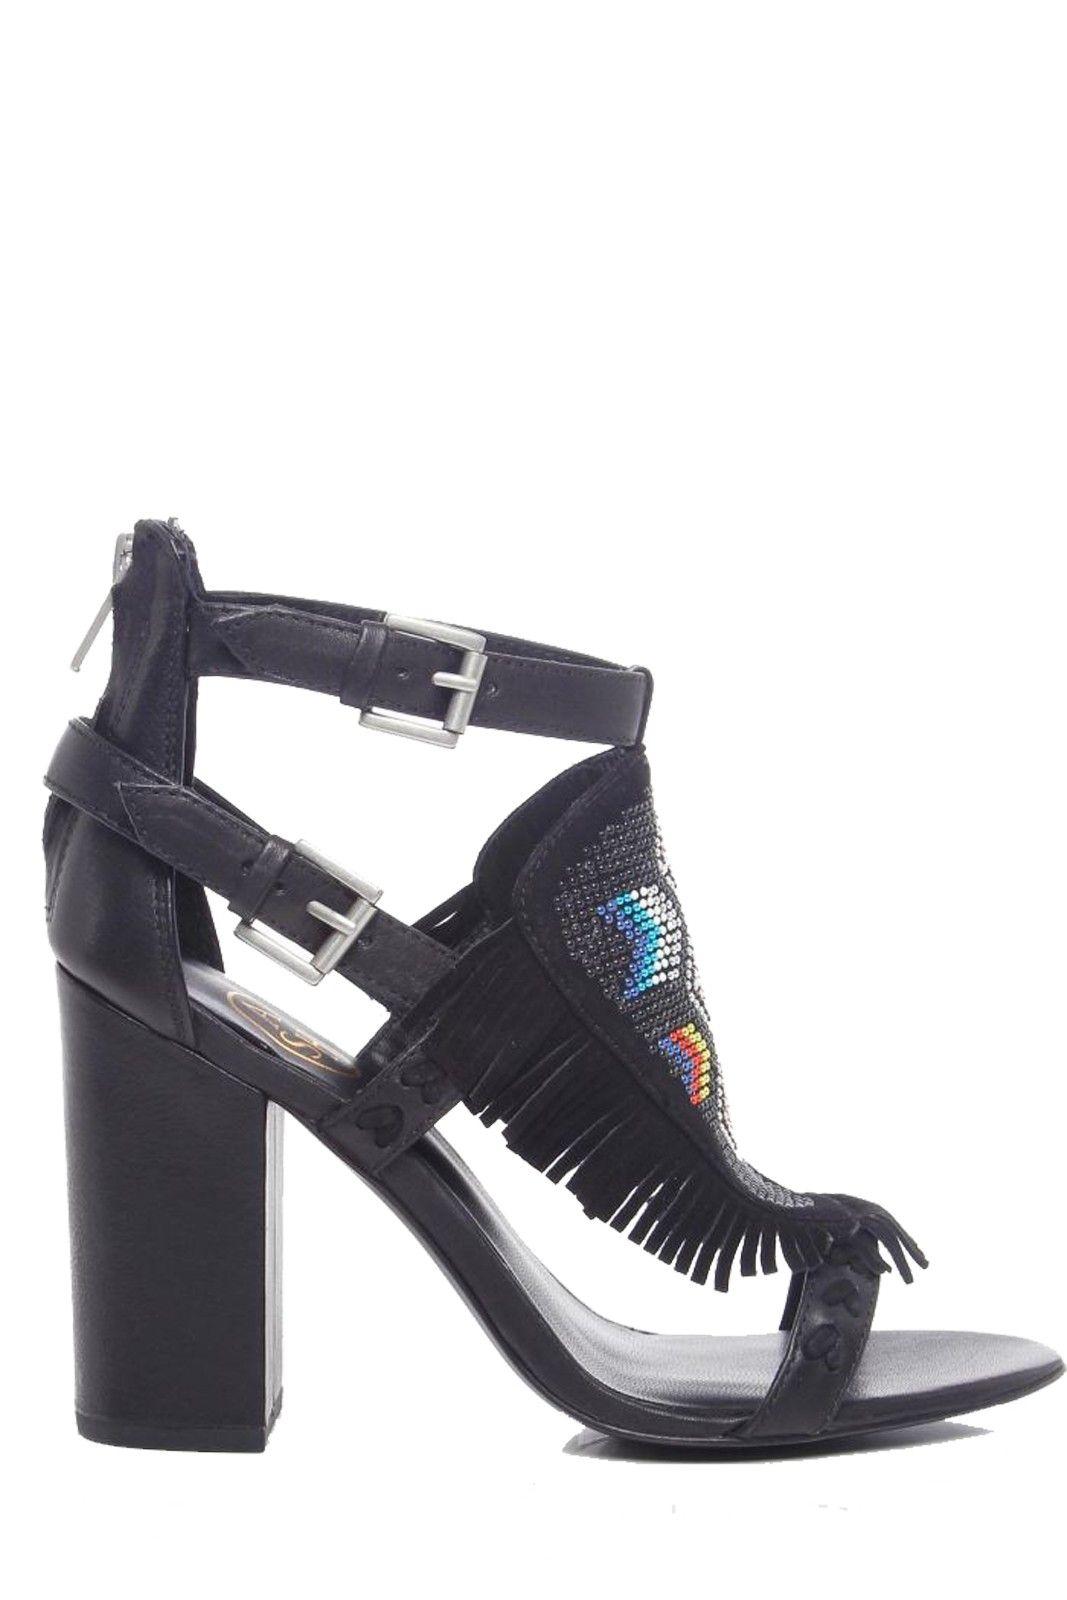 ¿Para cuándo zapatos bonitos que no sean de piel?